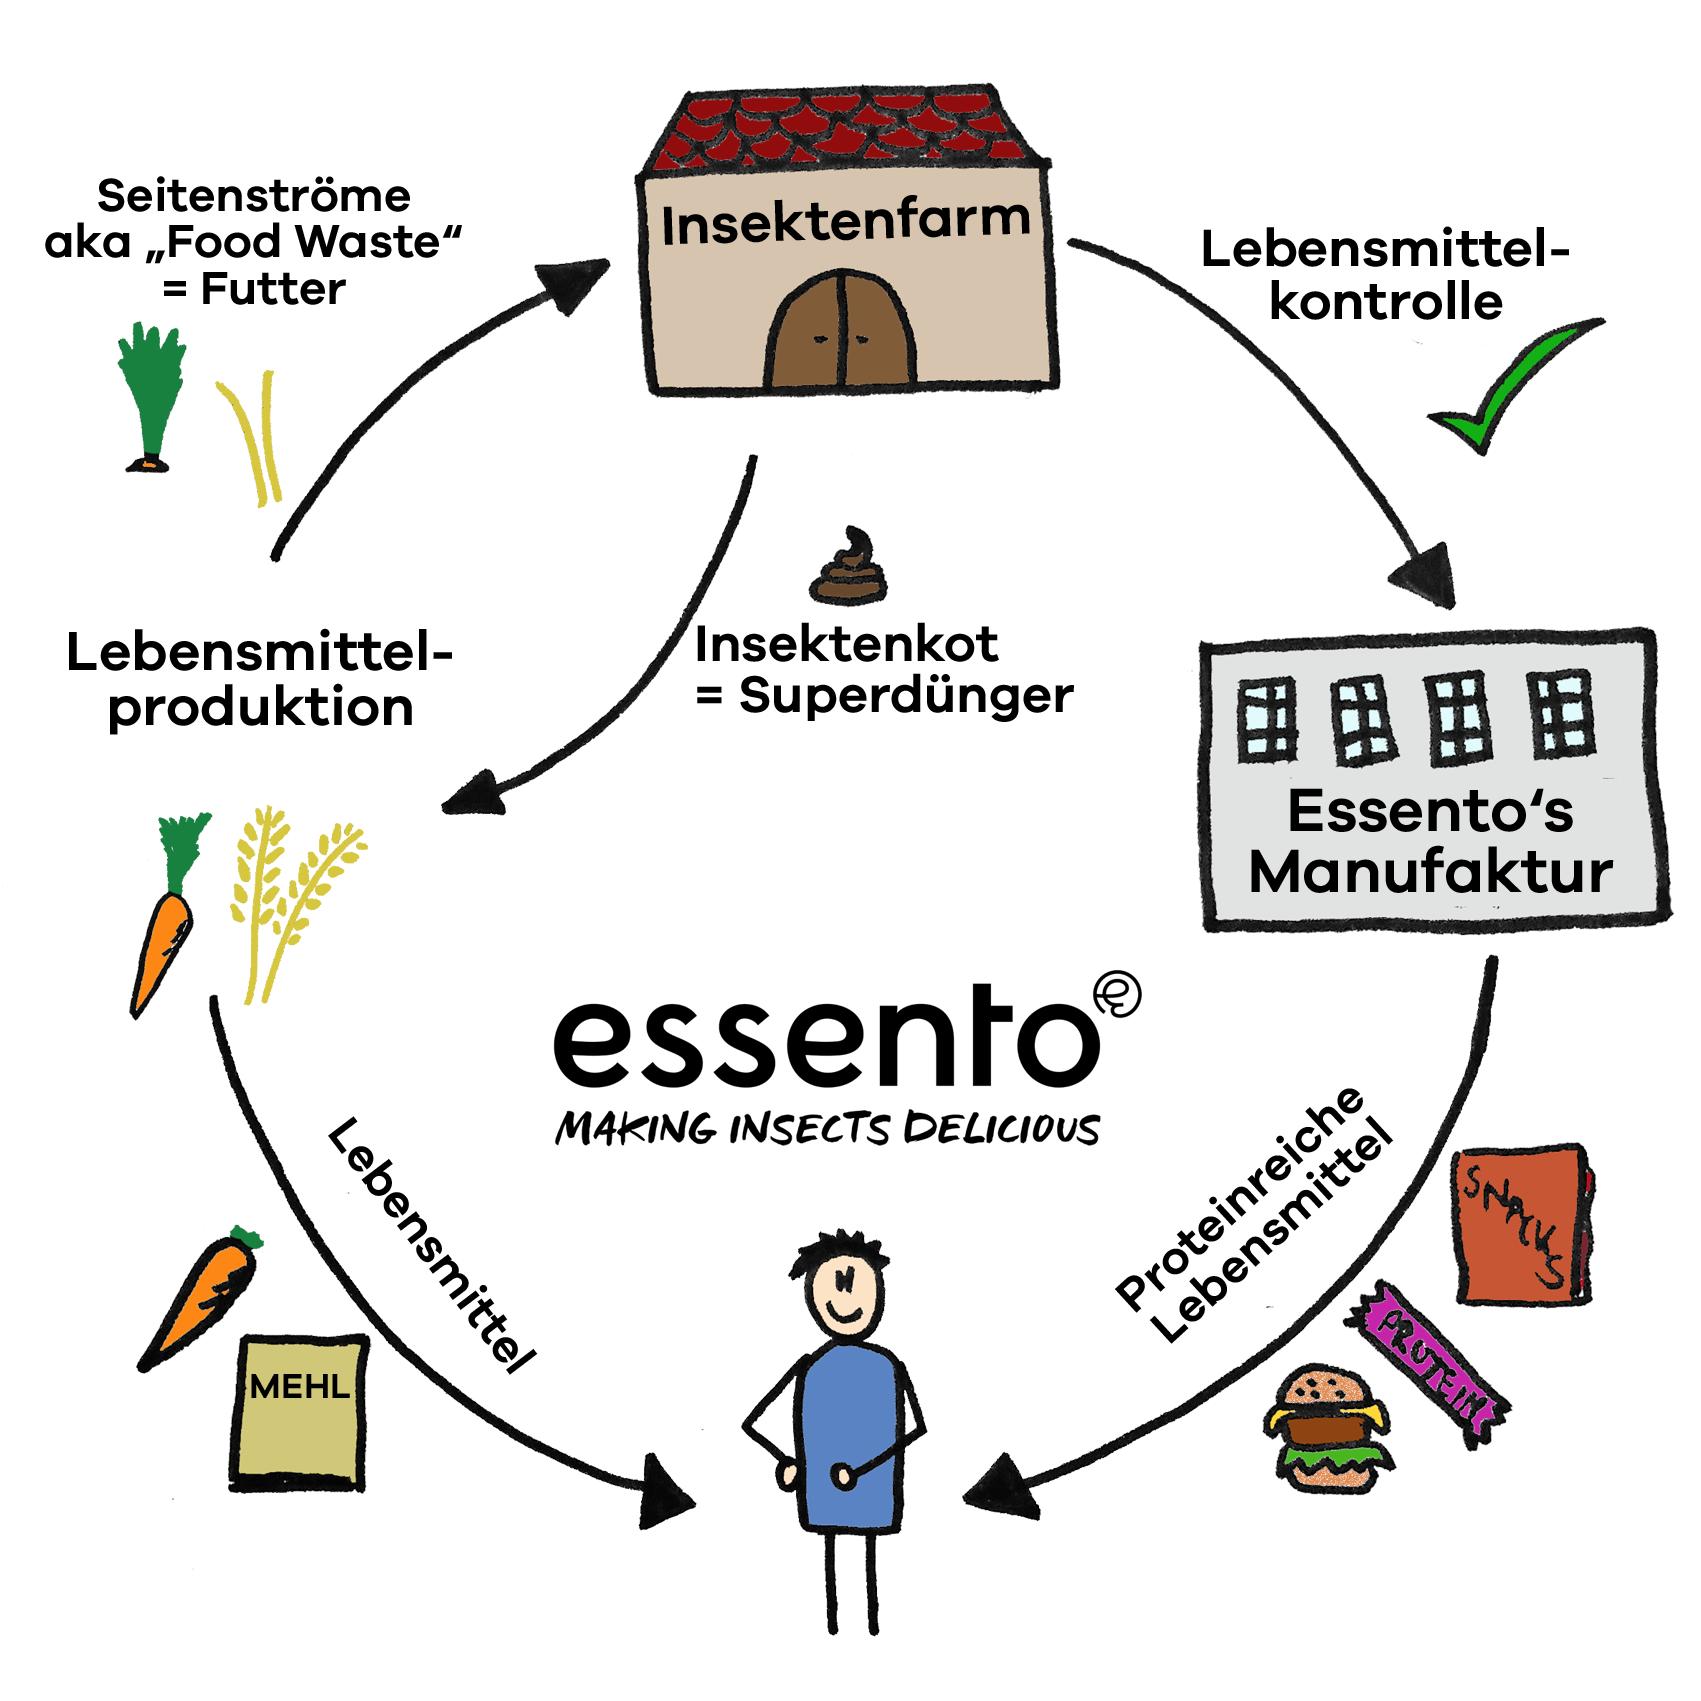 Insekten und Foodwaste - ein Kreislauf